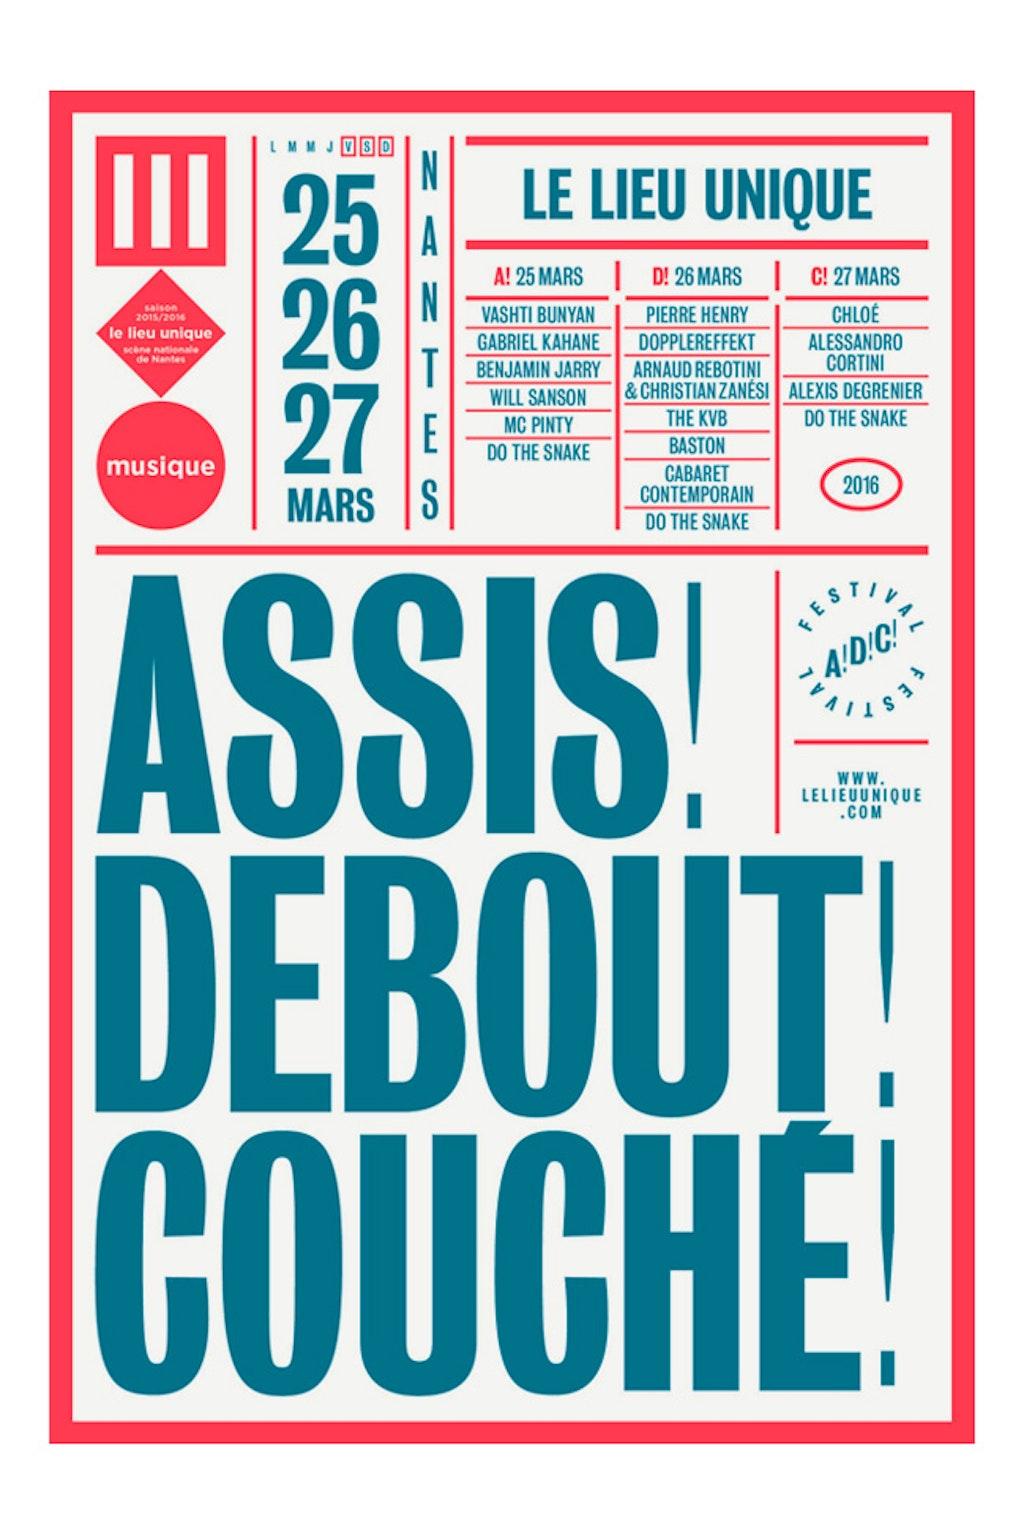 festival Assis! Debout! Couché! / Lieu Unique (Nantes)